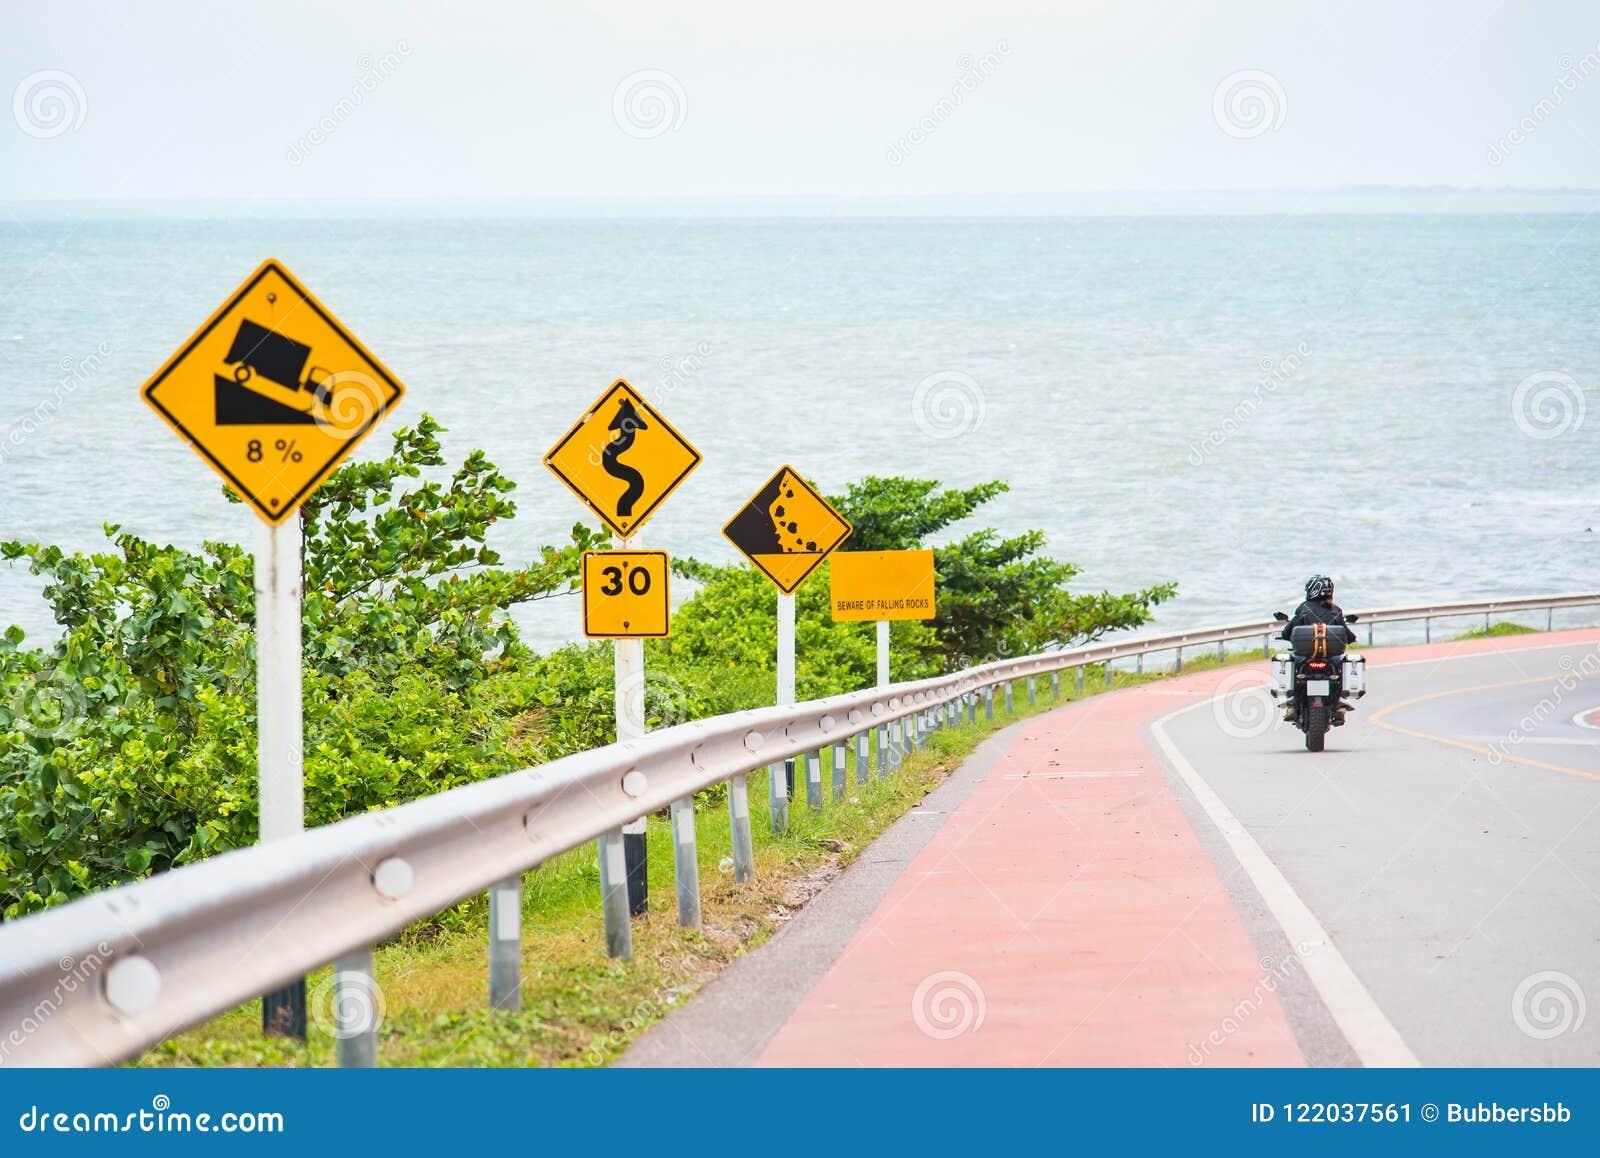 Brant tecken för trafik för lågt kugghjul för kullenedstigningsbruk på vägen i thailändskt